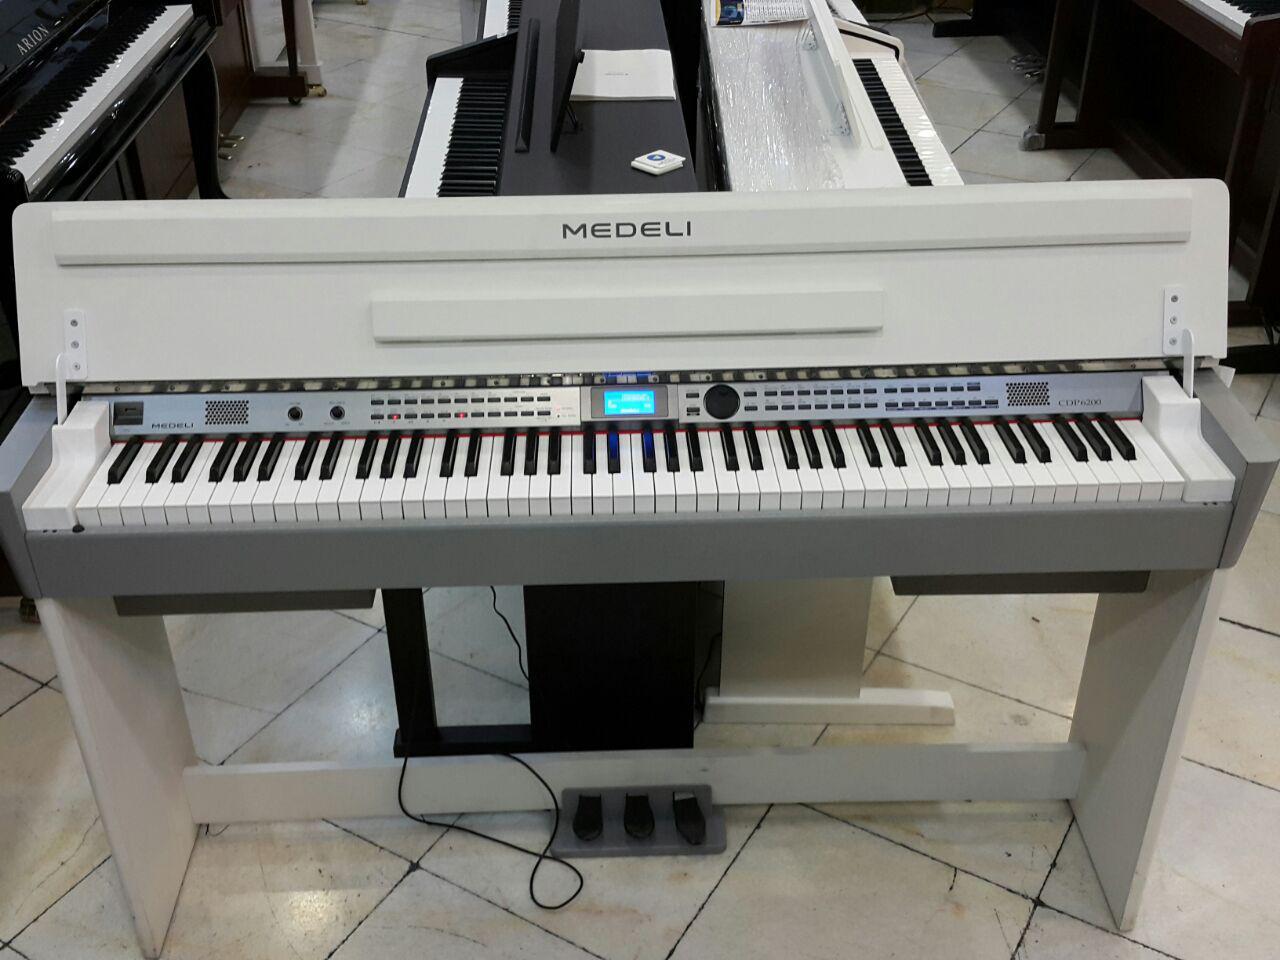 فروش پیانو دیجیتال Medeli CDP-6200